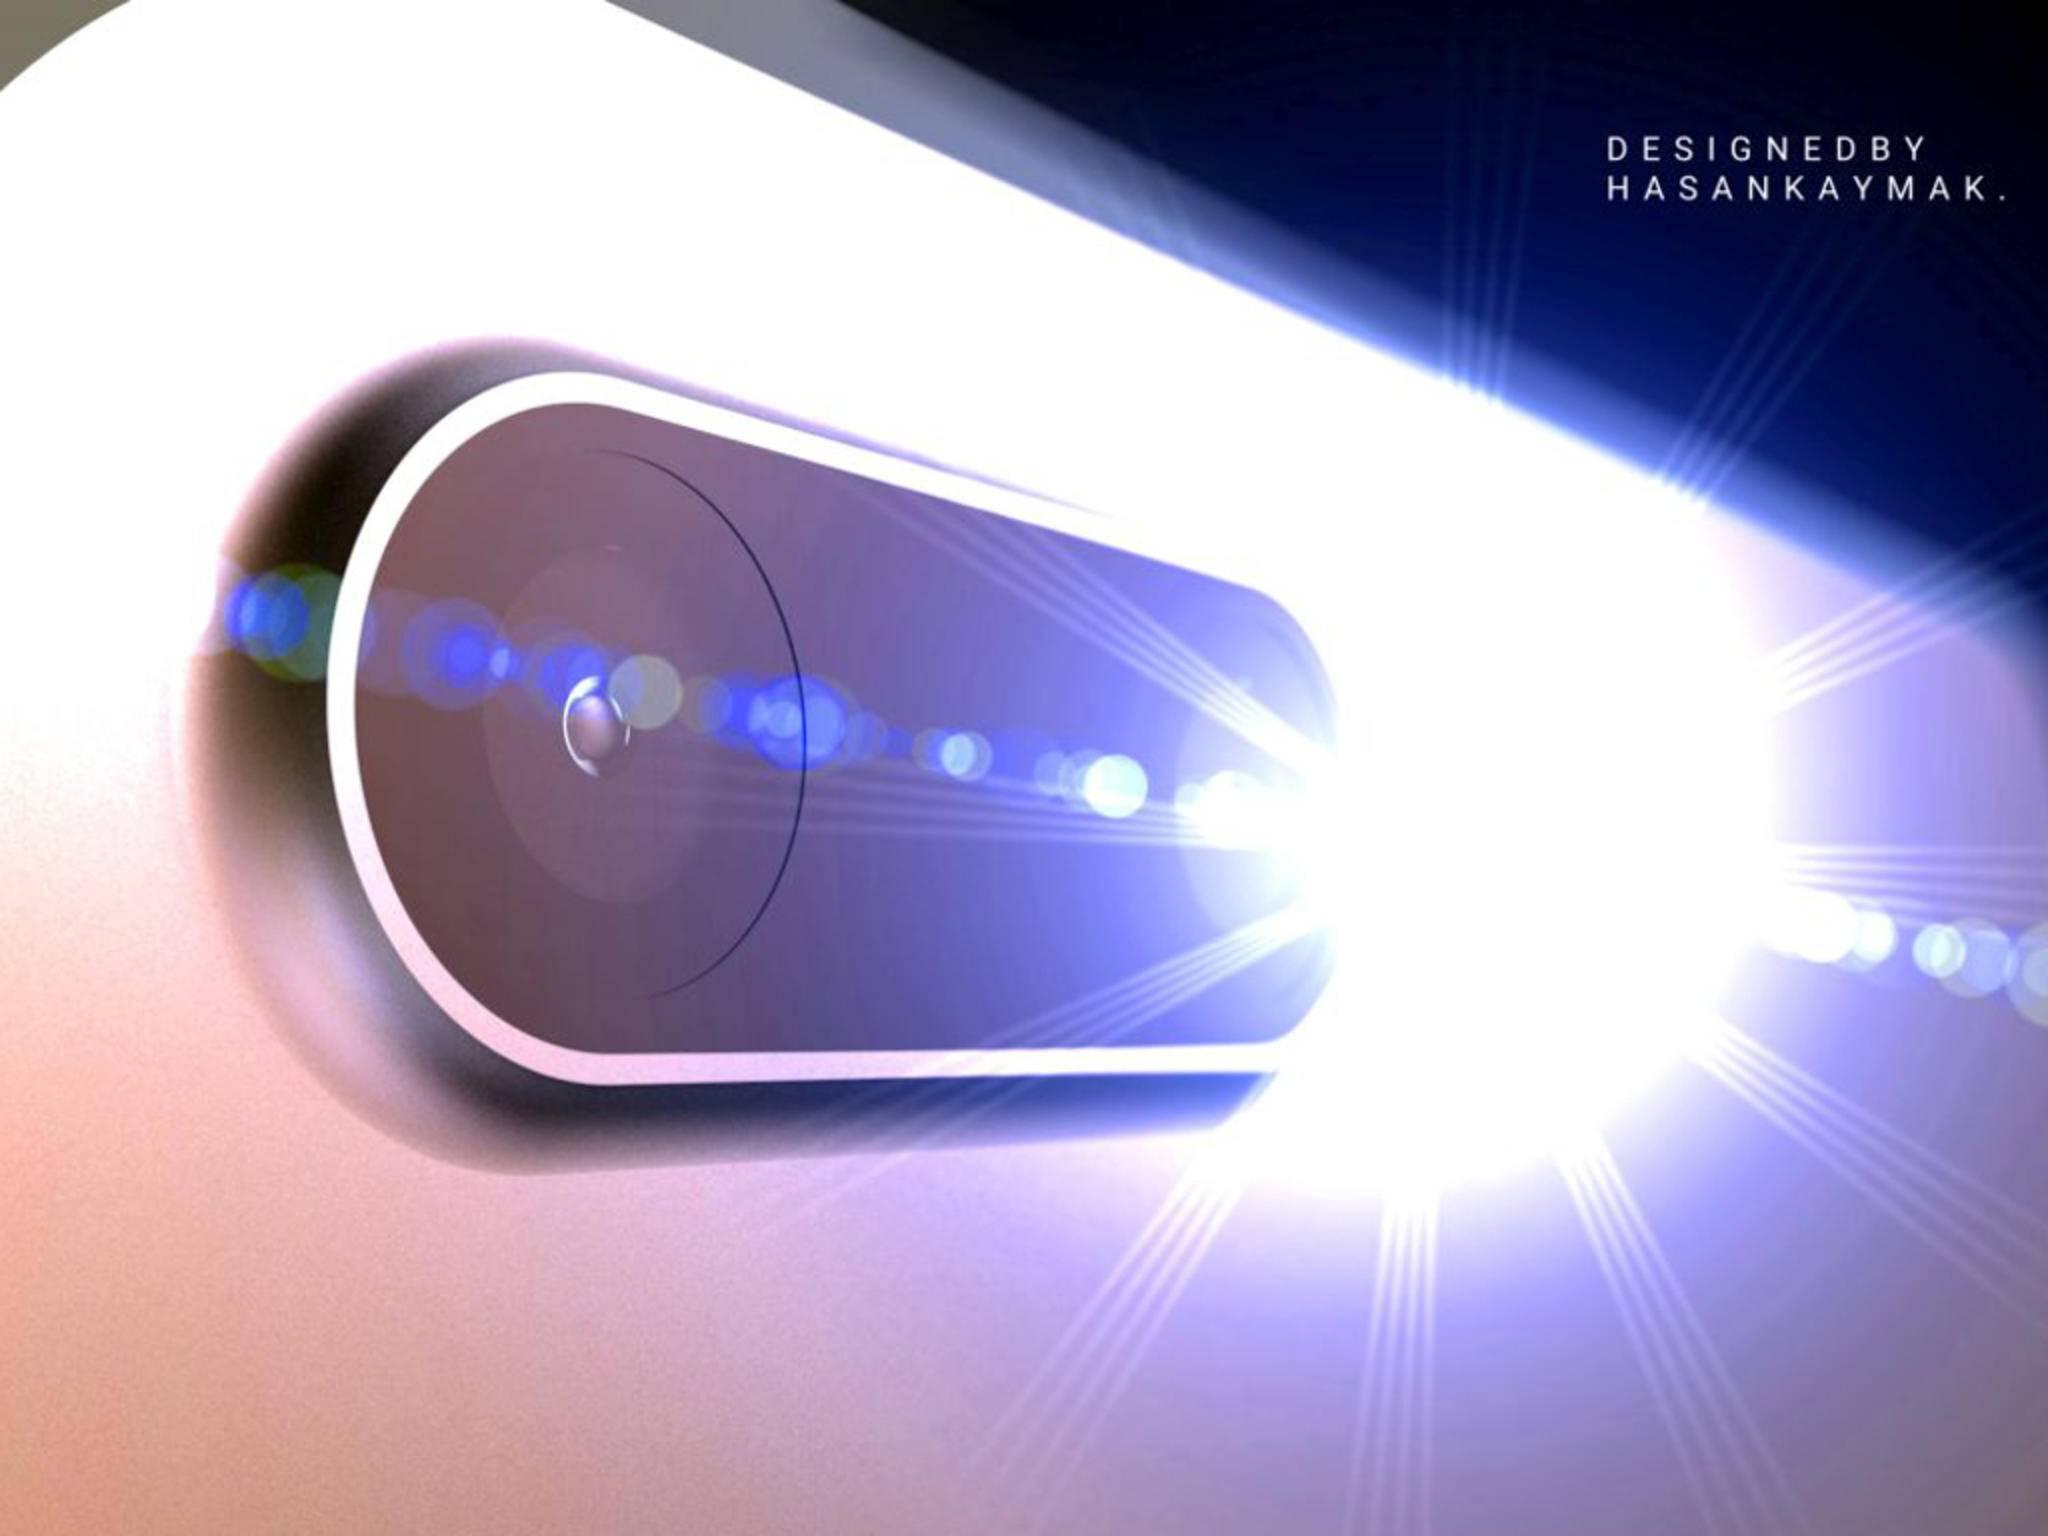 Eine Dual-Kamera beim iPhone 7 Plus ist sehr wahrscheinlich.